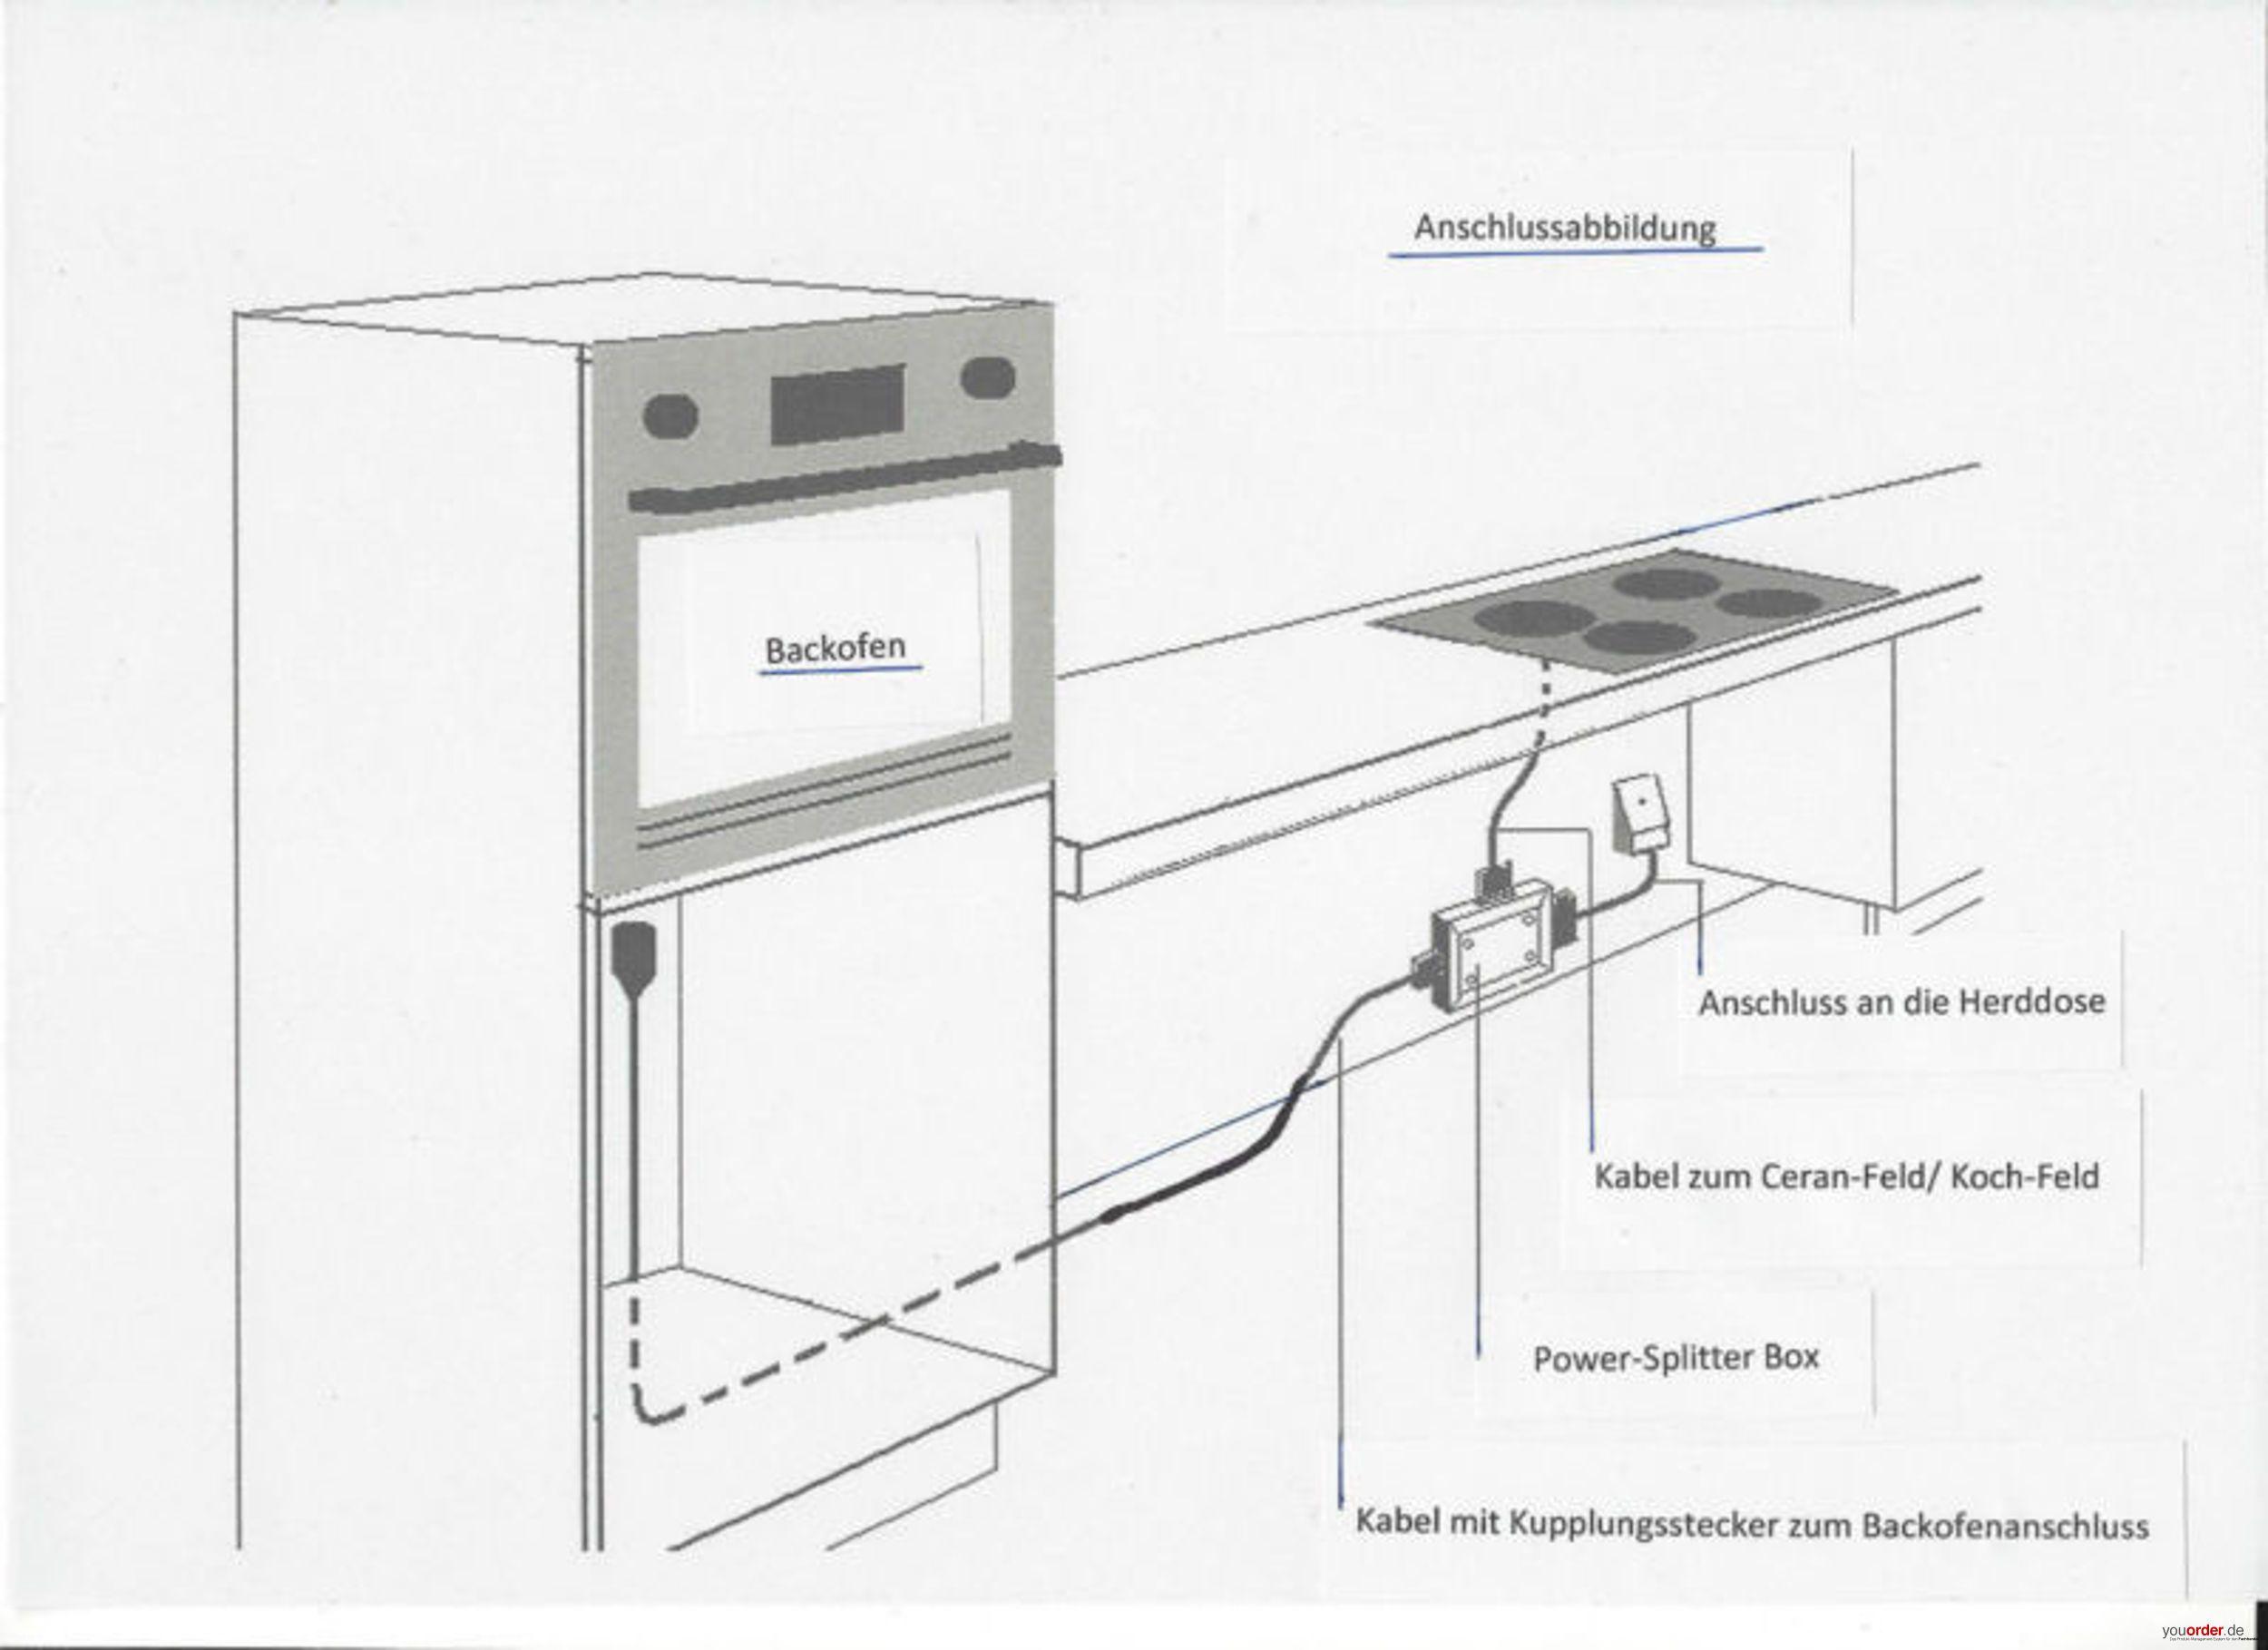 weyh solutions gmbh wildeck obersuhl mit uns handeln sie erfolgreich. Black Bedroom Furniture Sets. Home Design Ideas